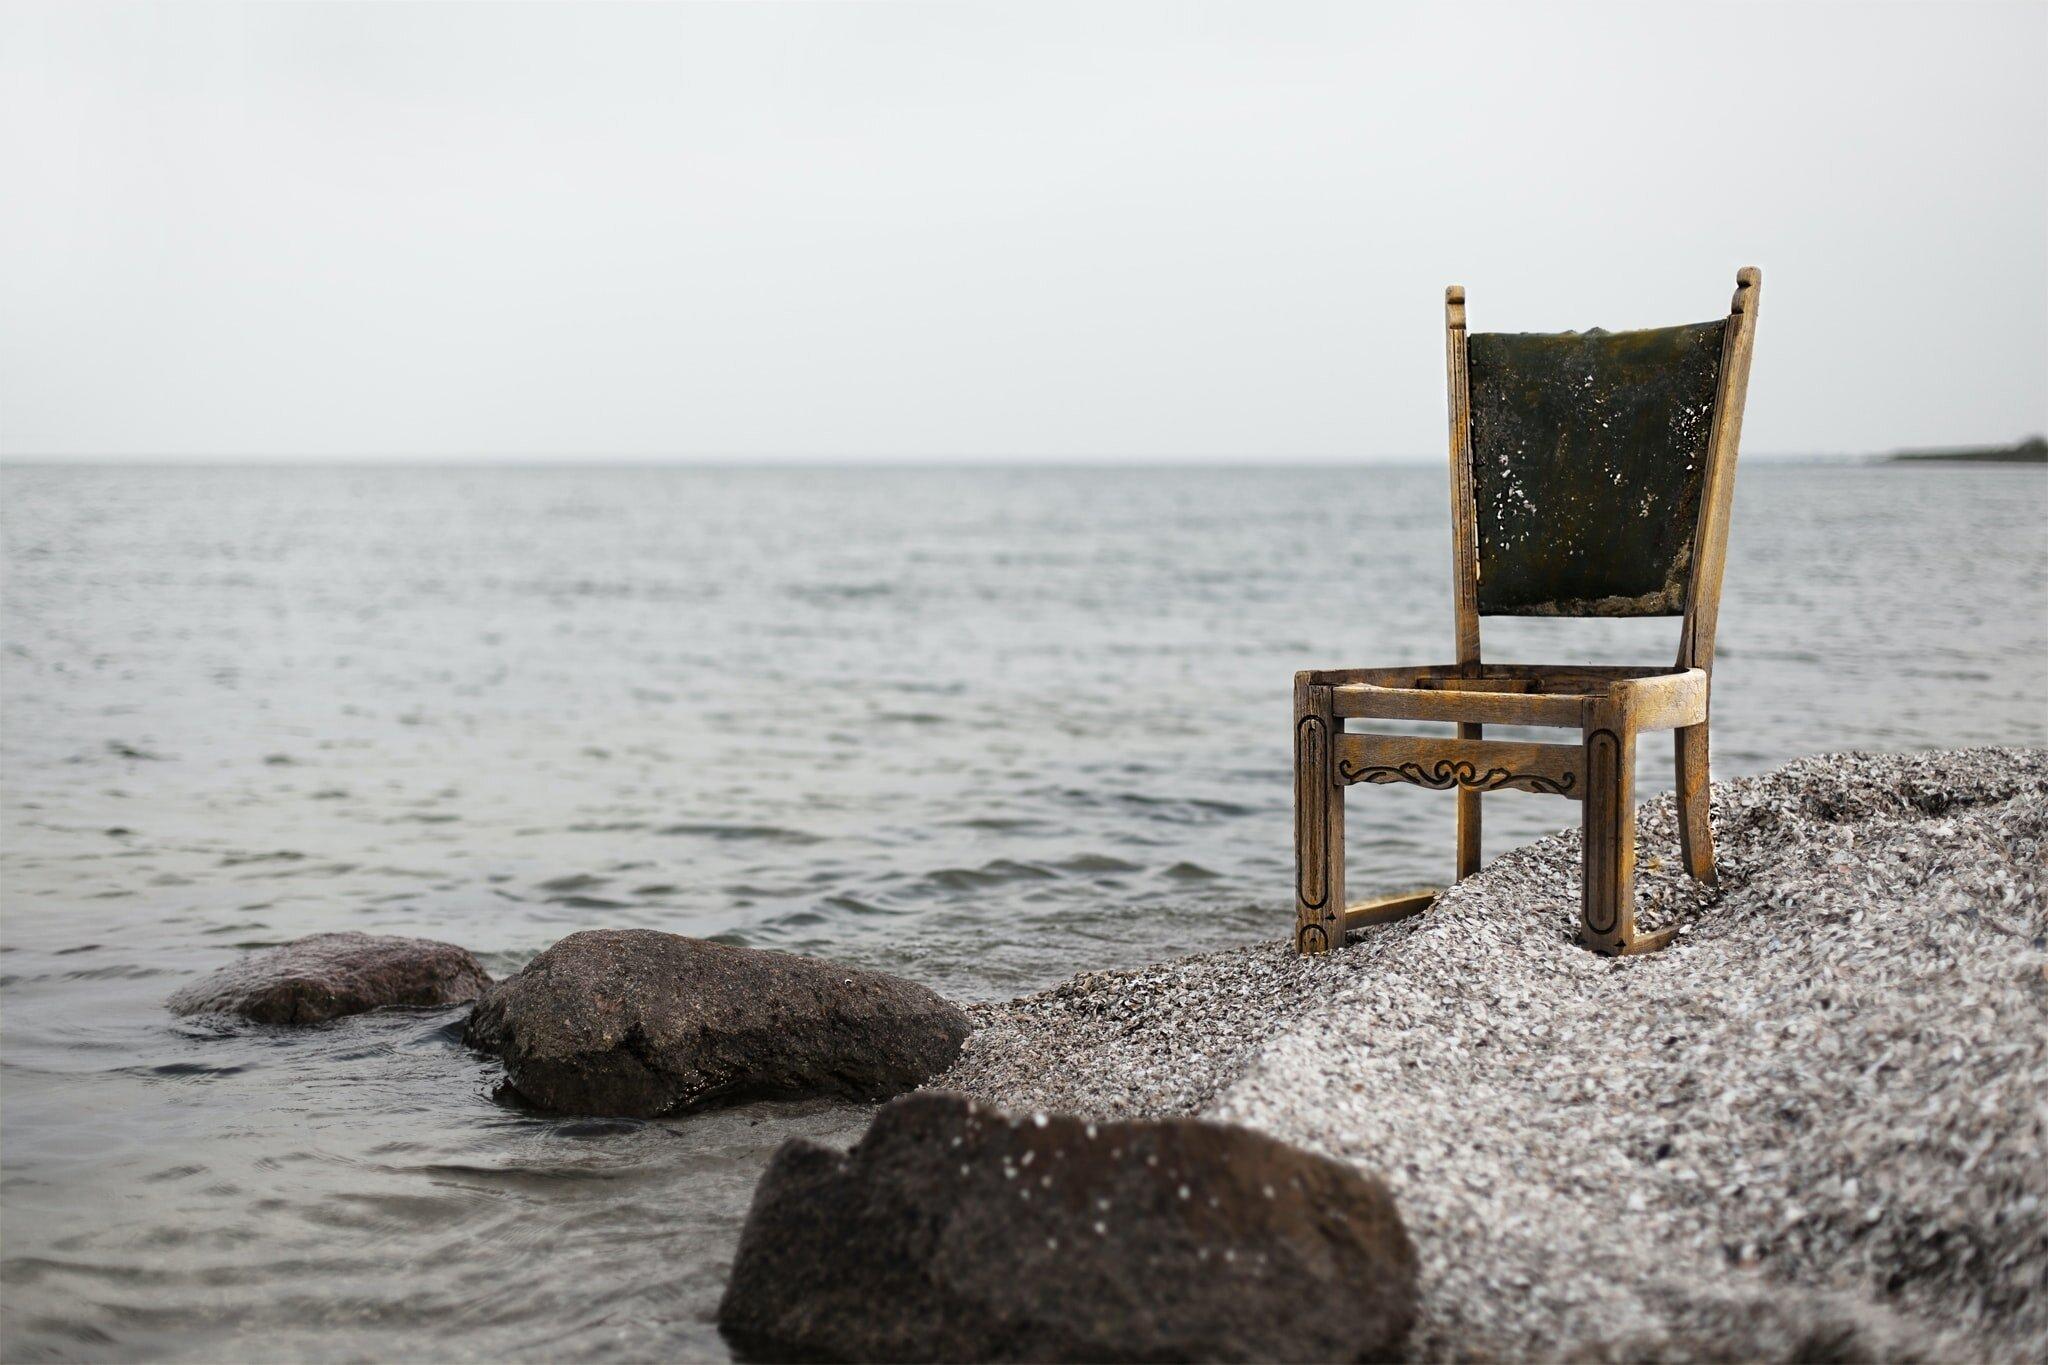 Photo by  Tom van Hoogstraten  on  Unsplash